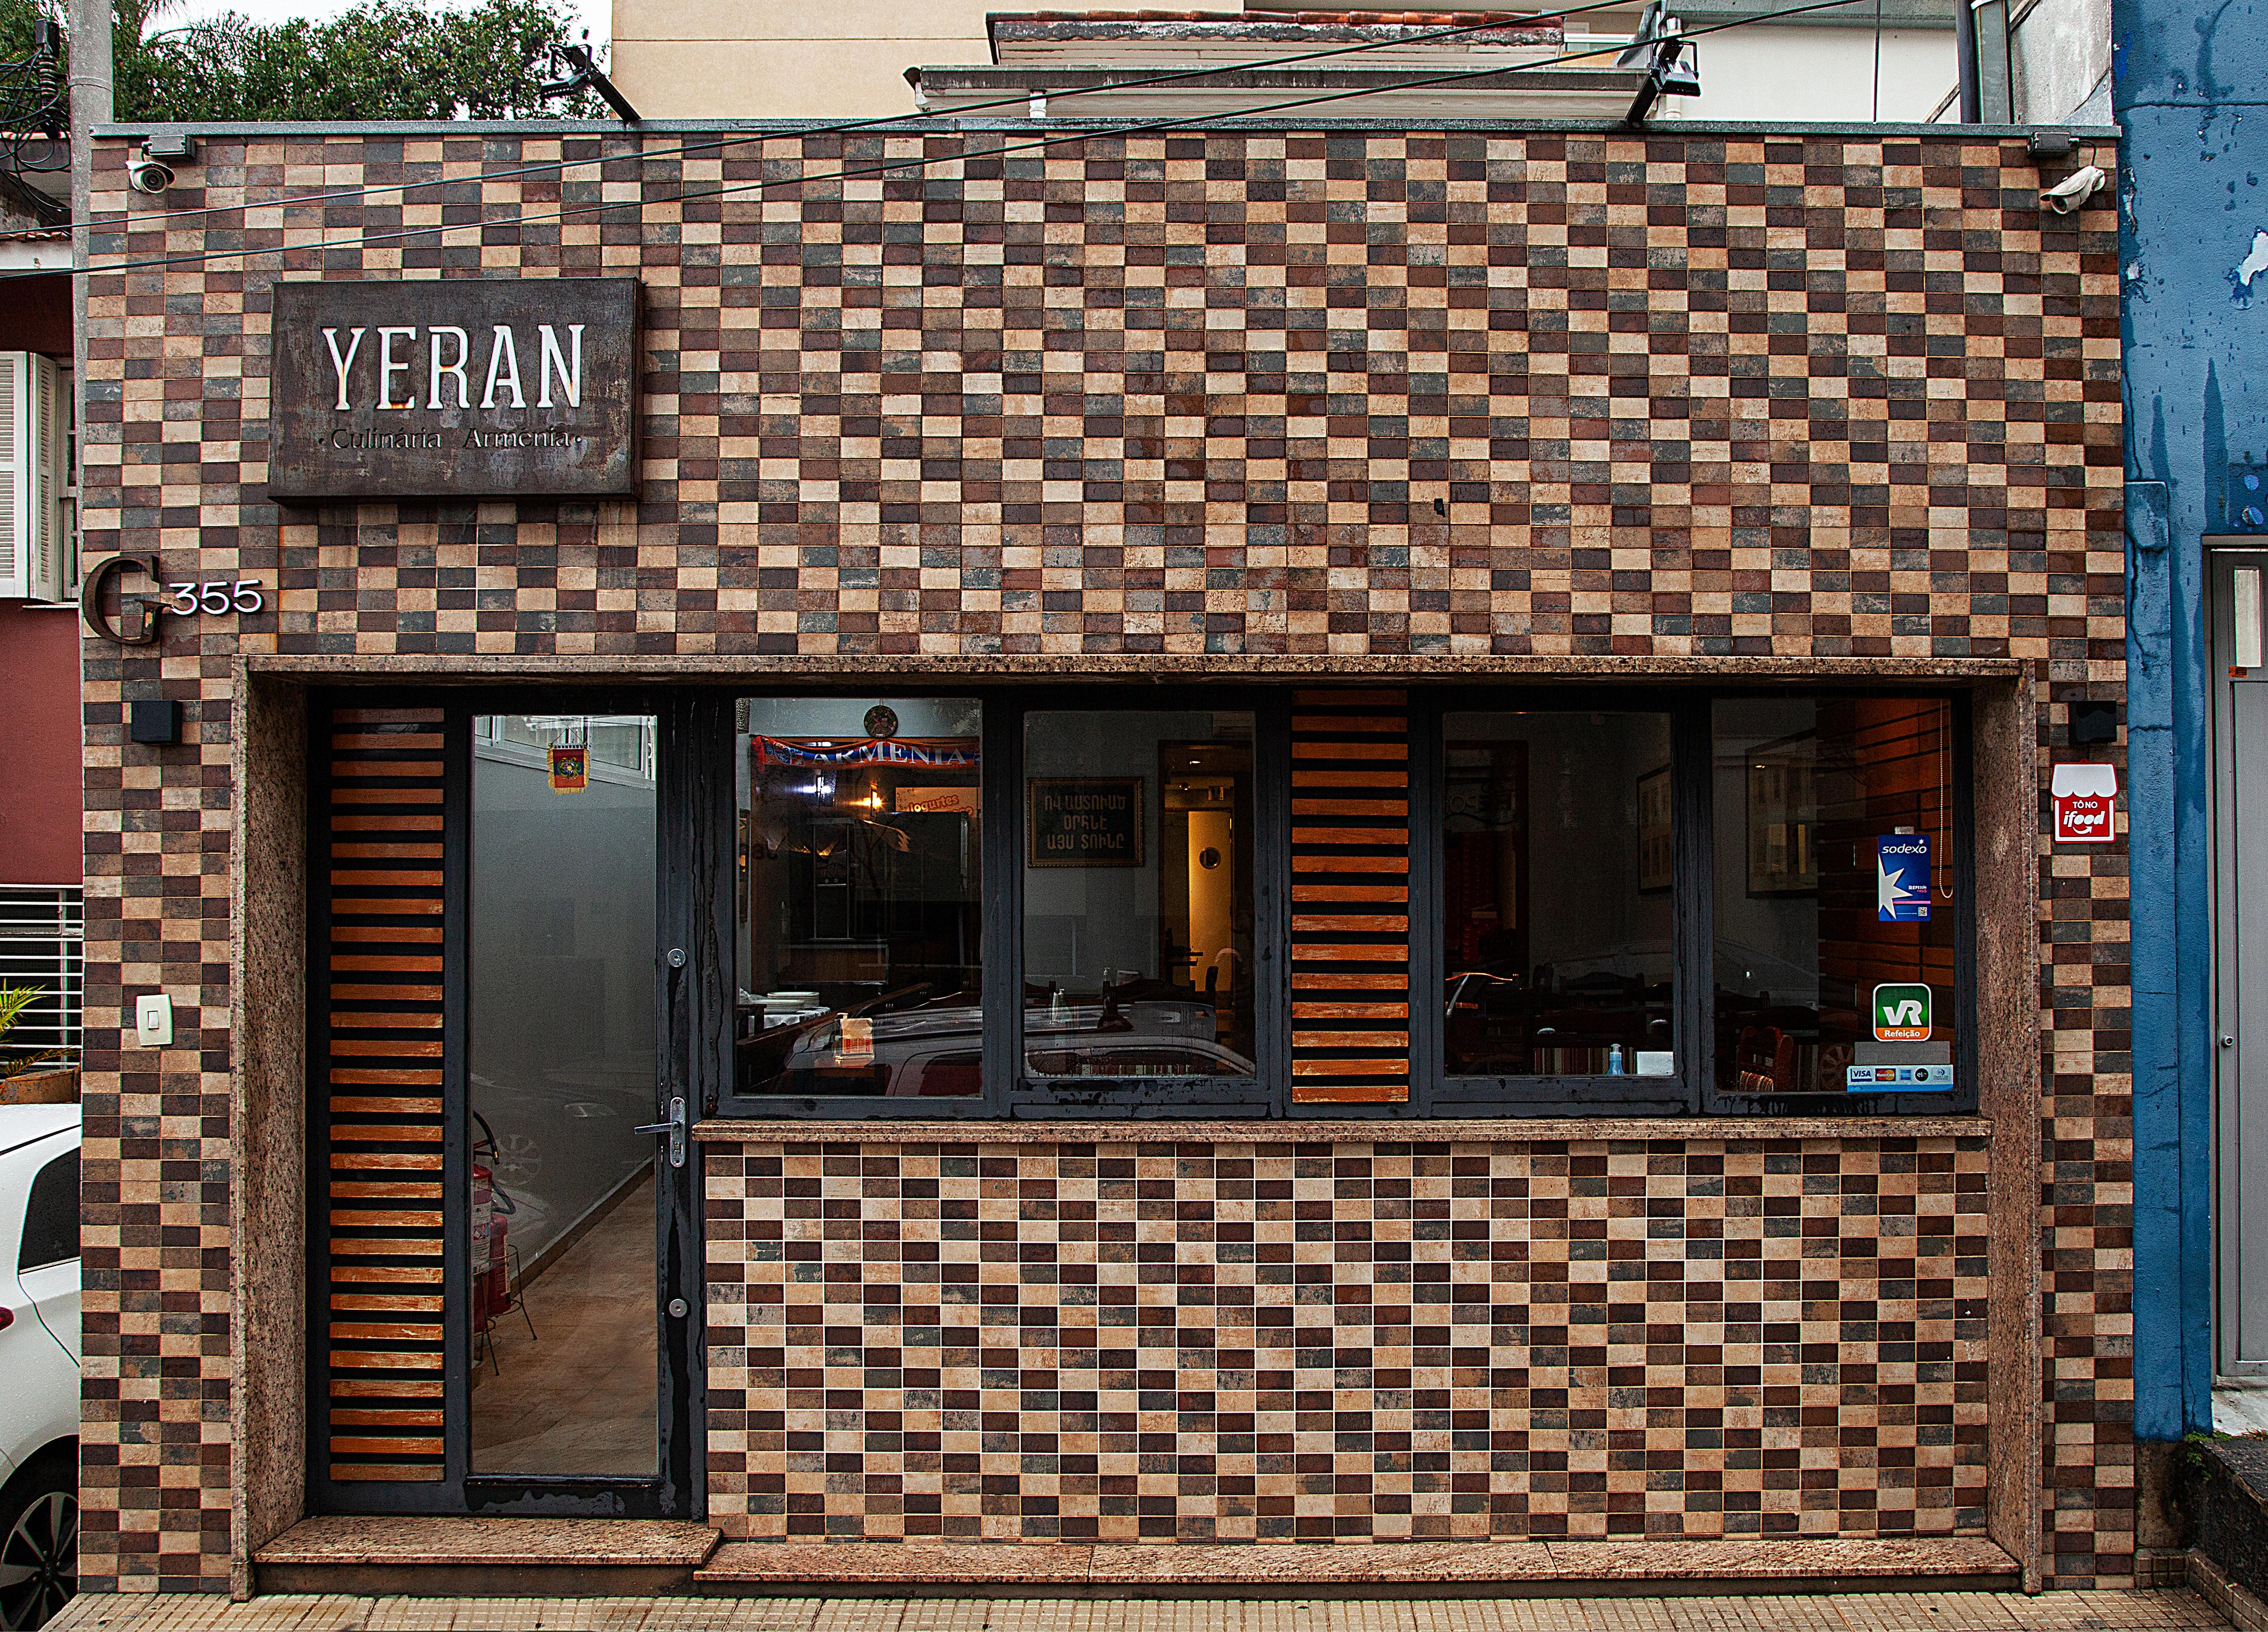 Fachada do restaurante Yeran com azulejos em diferentes tonalidades de marrom.